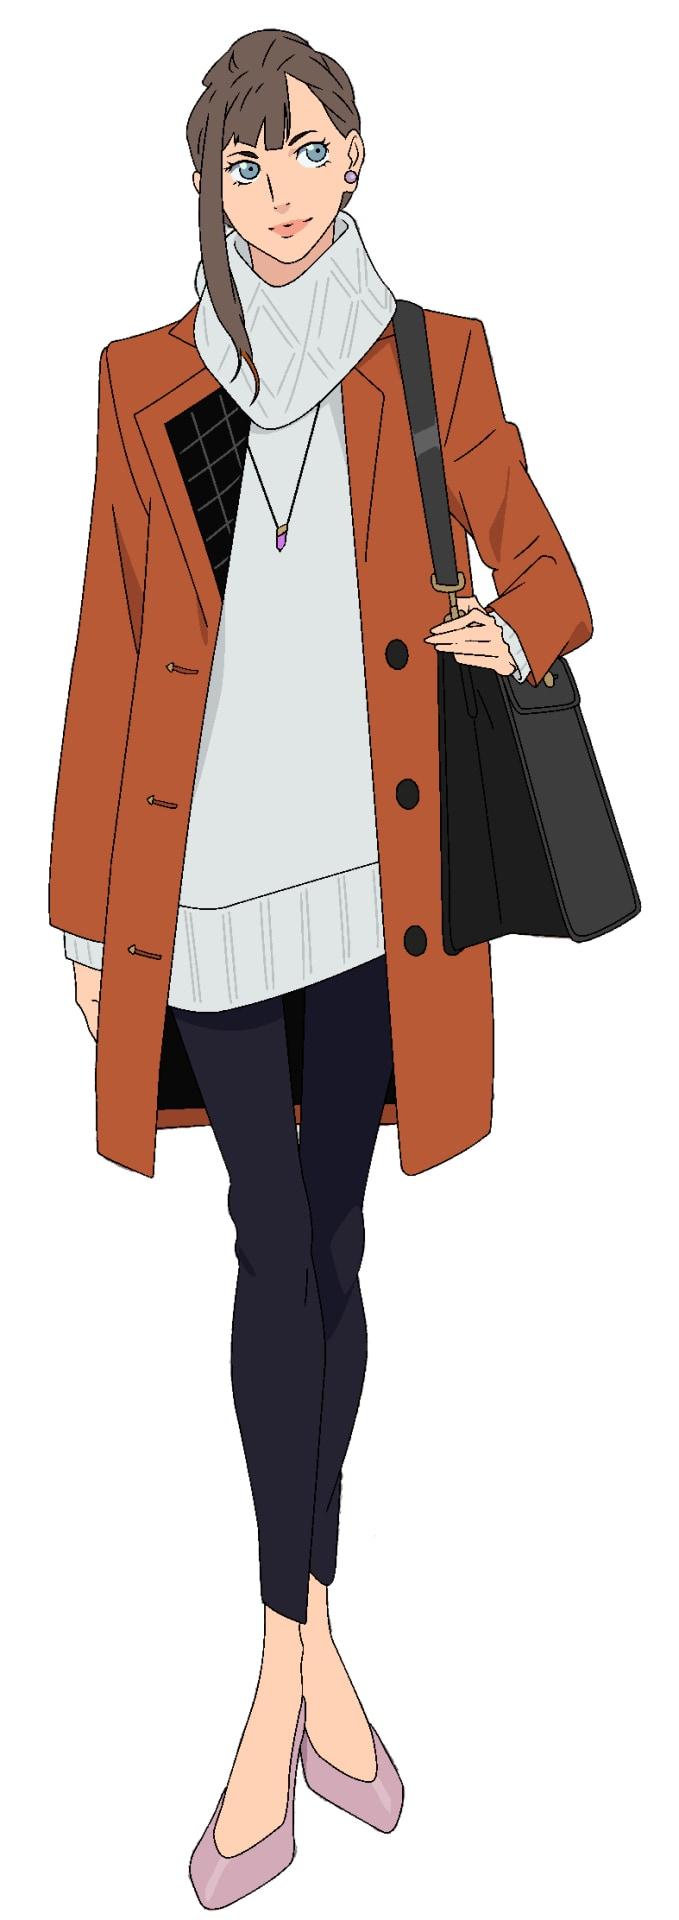 サラ・シンクレア(CV:甲斐田裕子)